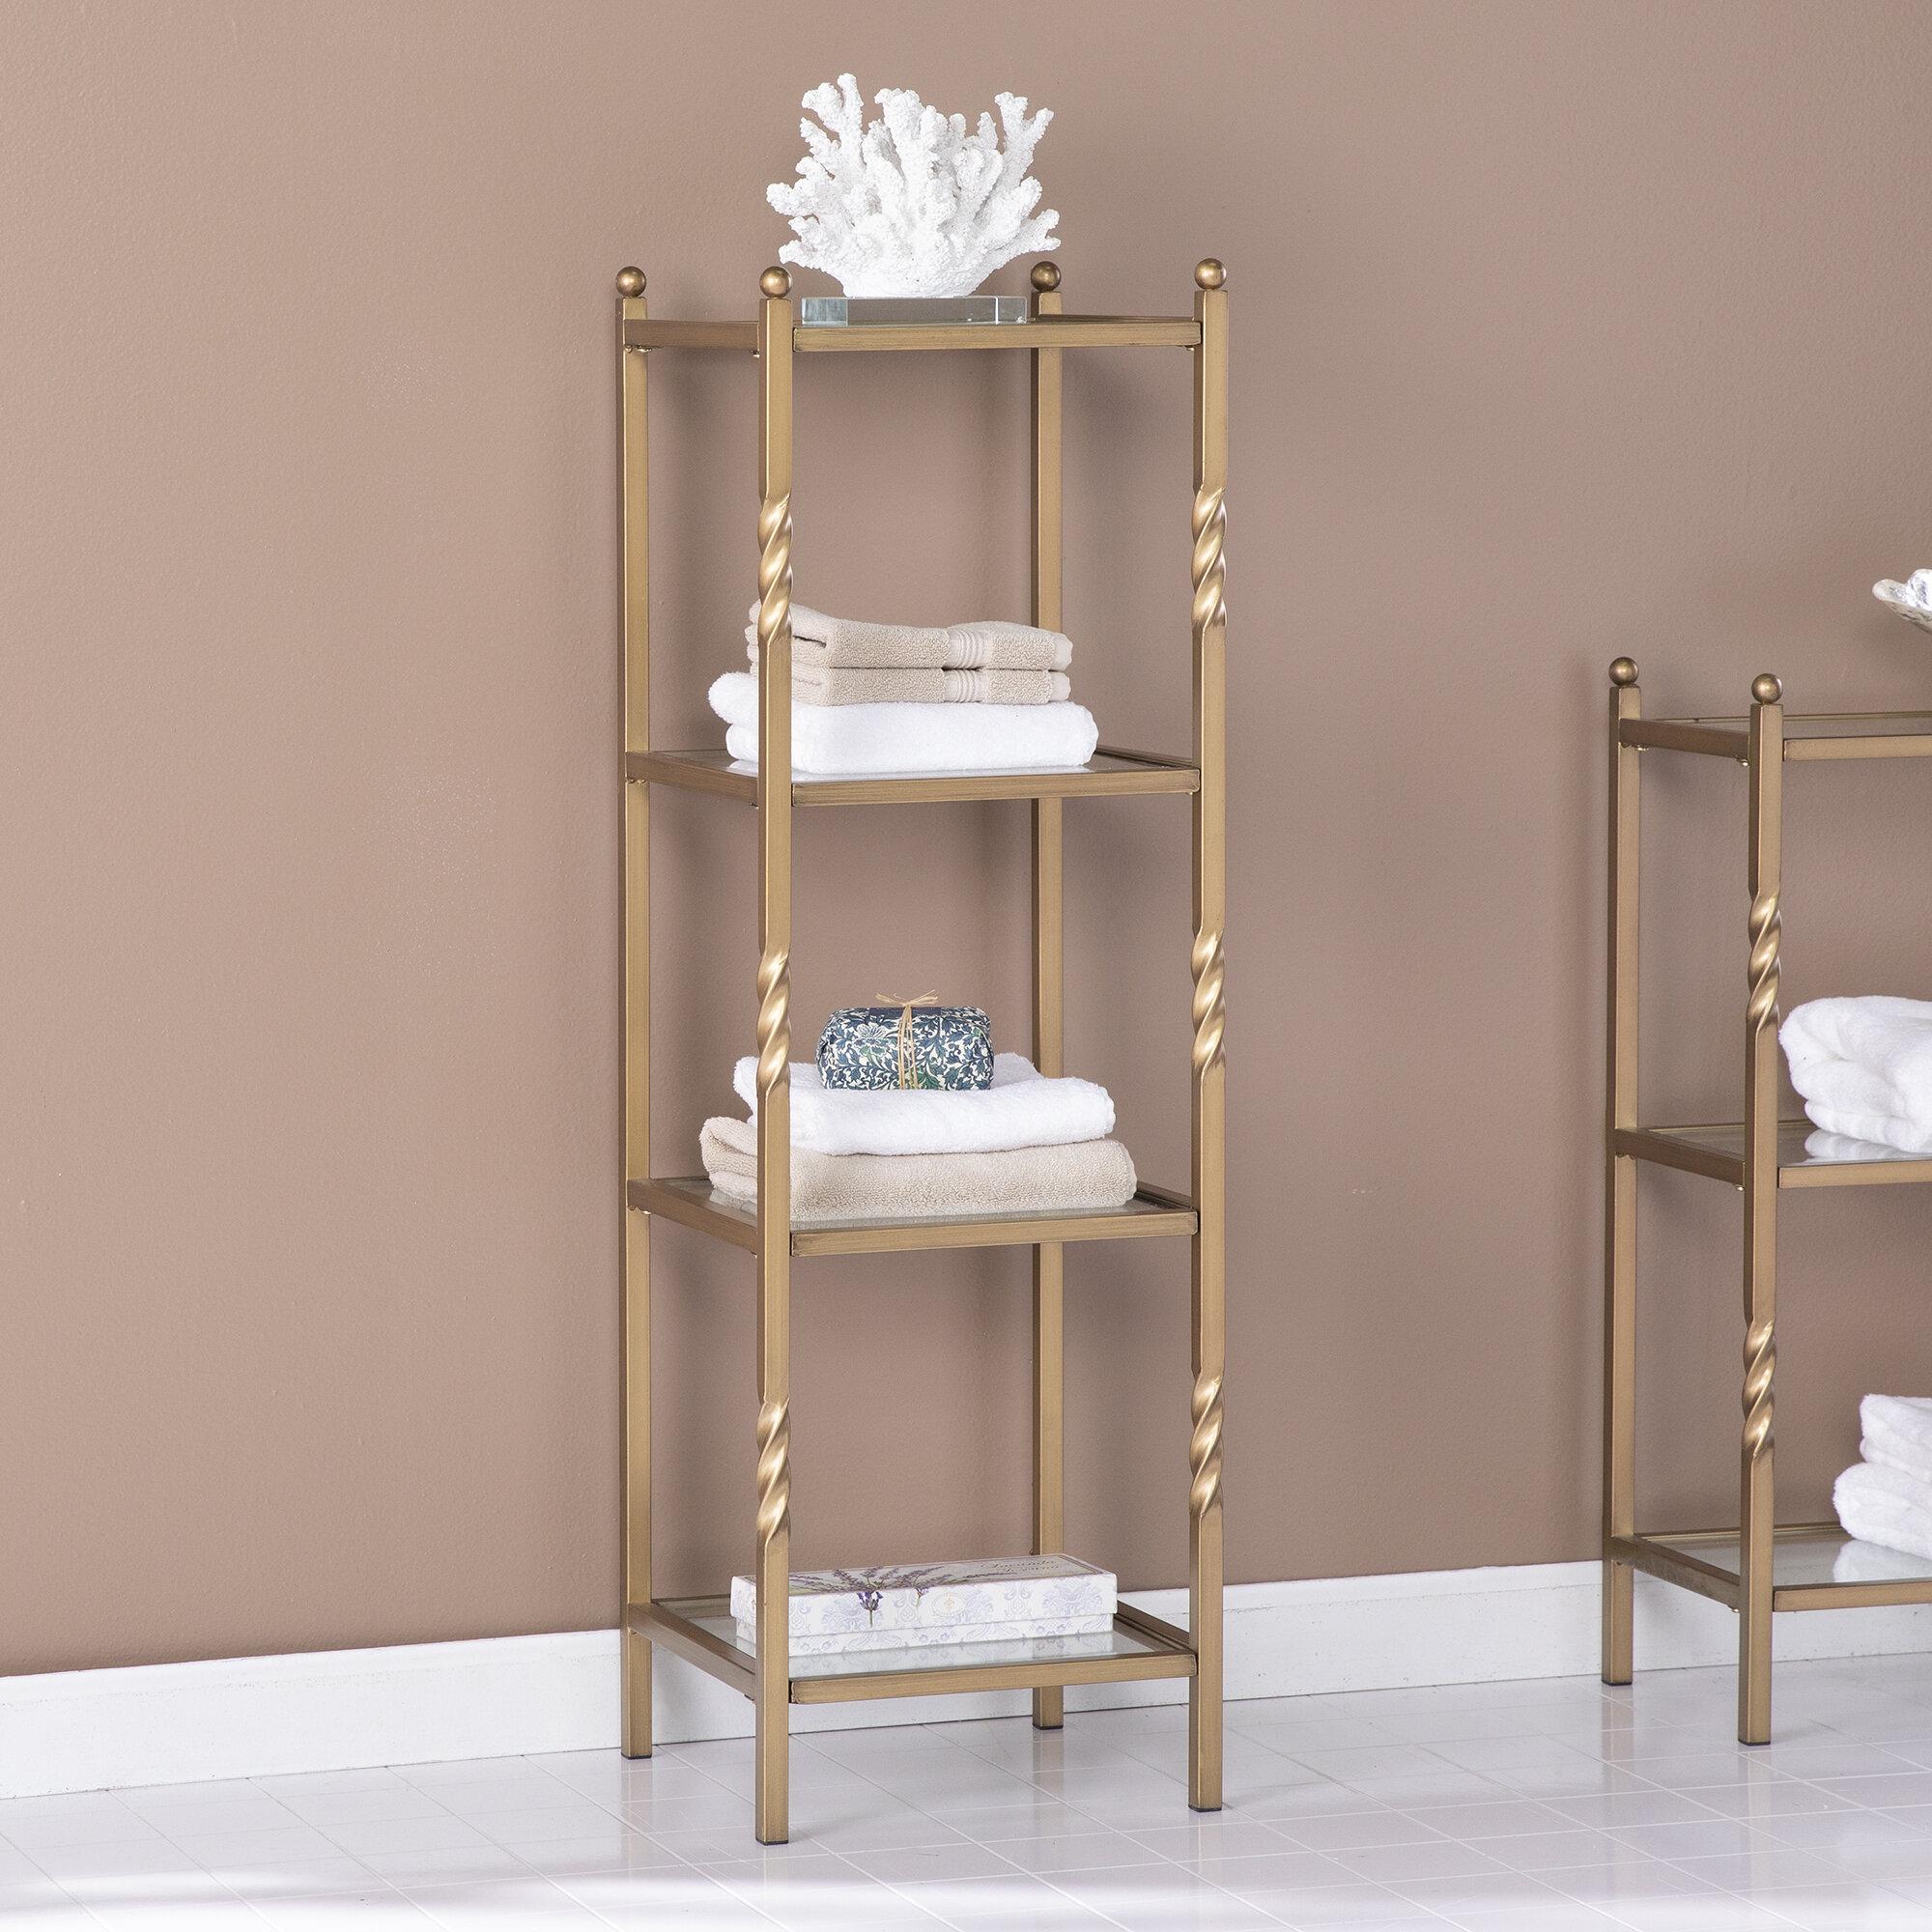 Everly Quinn 13 25 W X 41 75 H X 13 D Free Standing Bathroom Shelves Reviews Wayfair